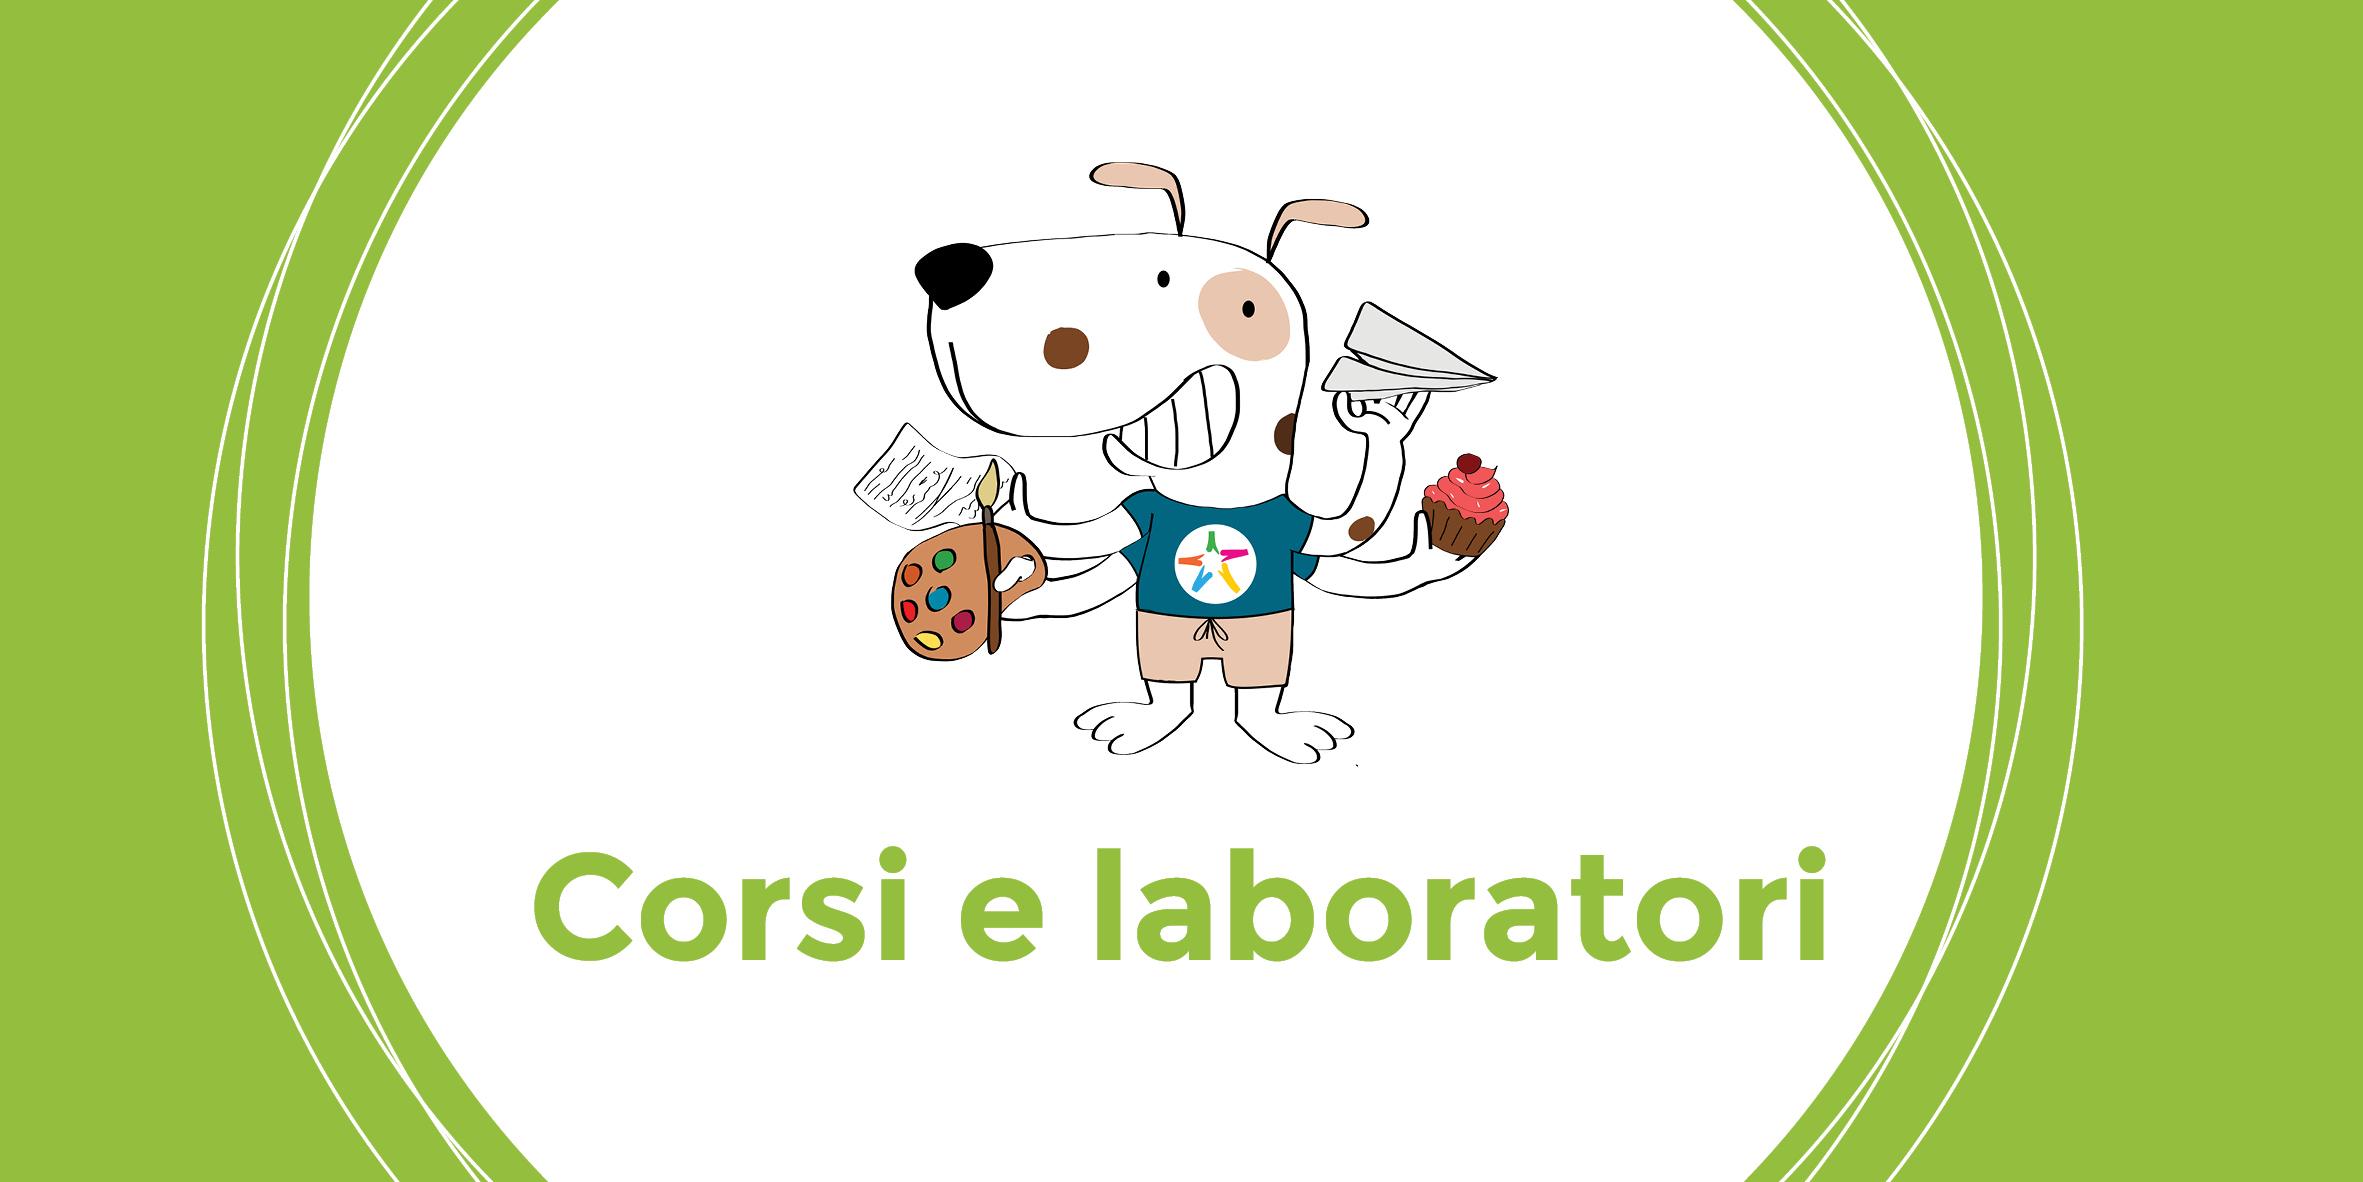 corsi e laboratori per bambini Cagliari